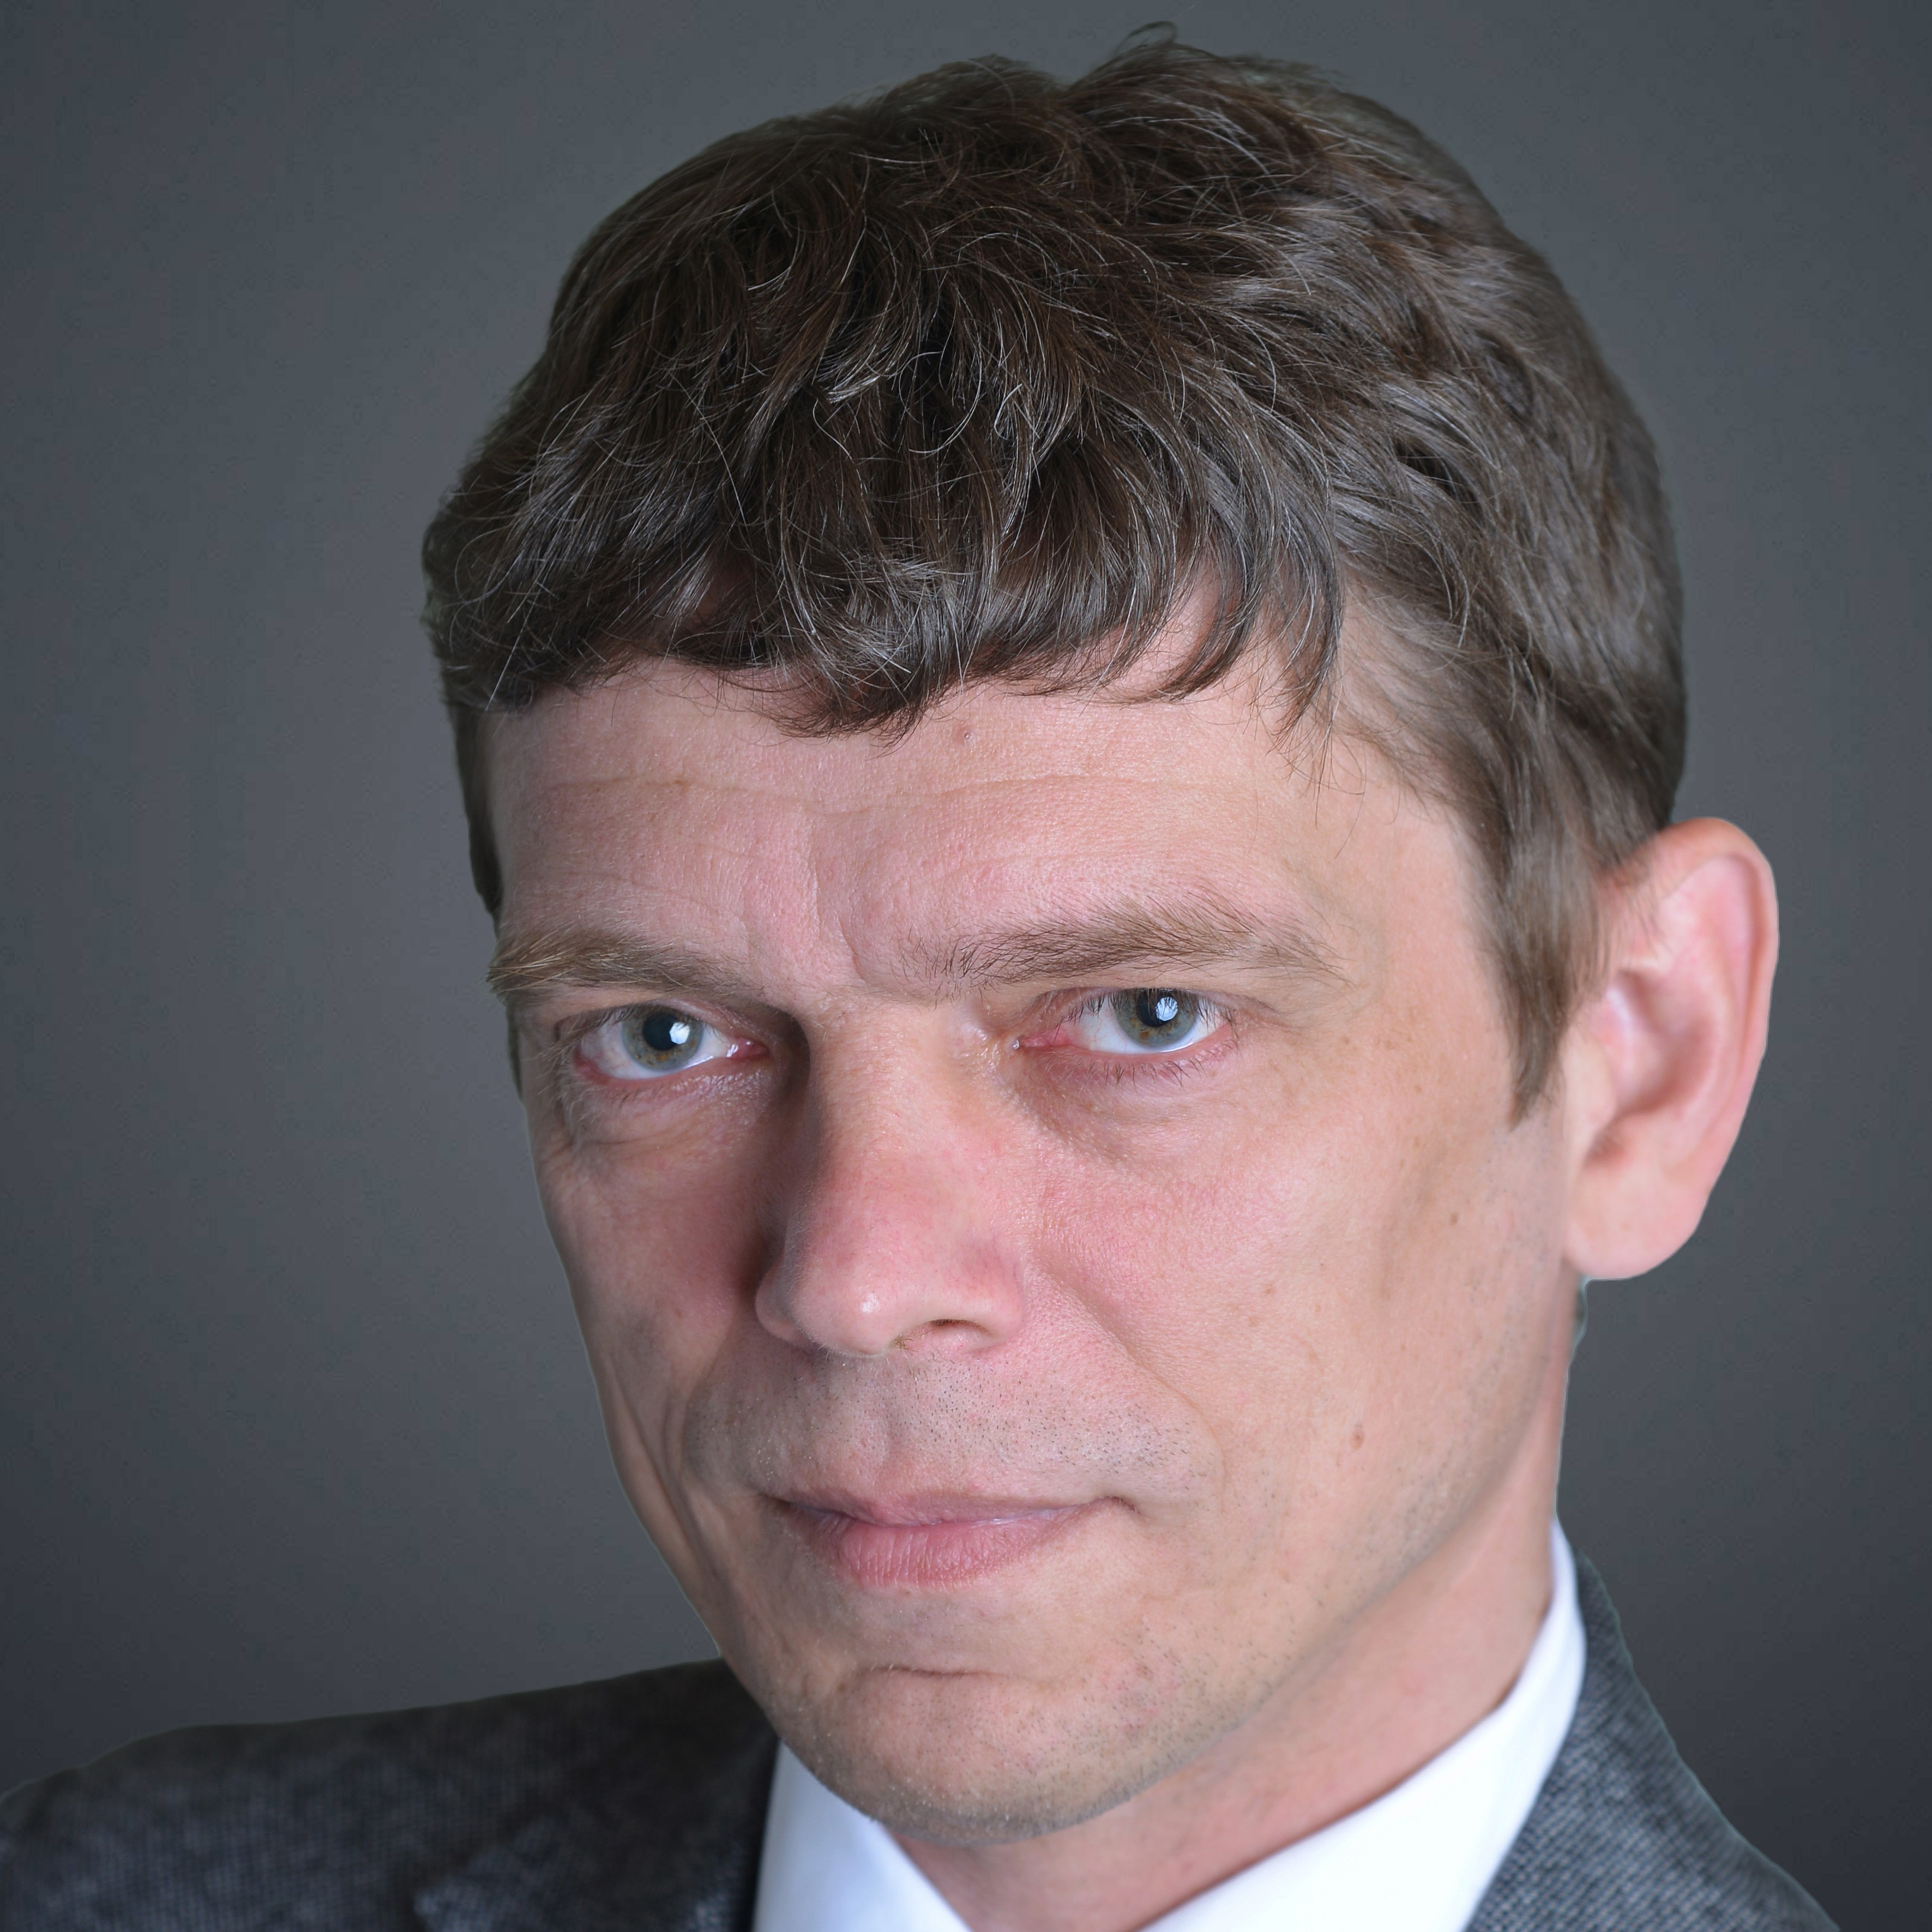 Heiko Wenglewski-Wrieden, Centrolene (CTO)